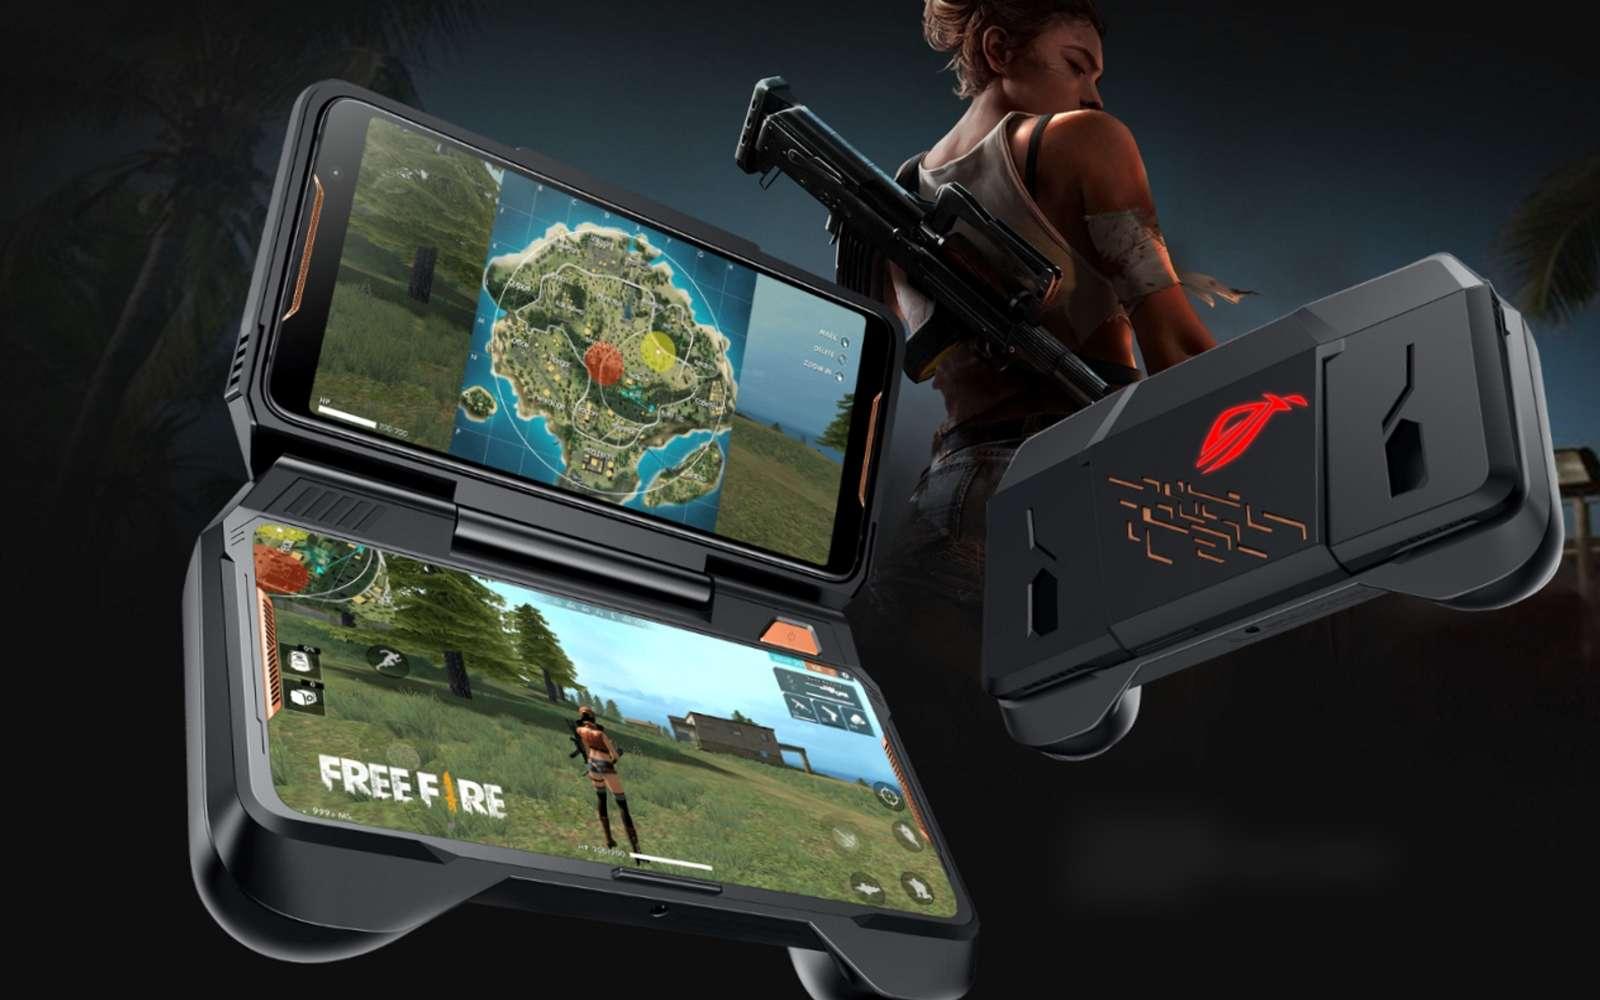 Avec ses accessoires inédits, le ROG Phone d'Asus est un smartphone à part. À mi-chemin entre l'ordinateur, la console de jeu Android, il fait aussi... téléphone ! © Asus